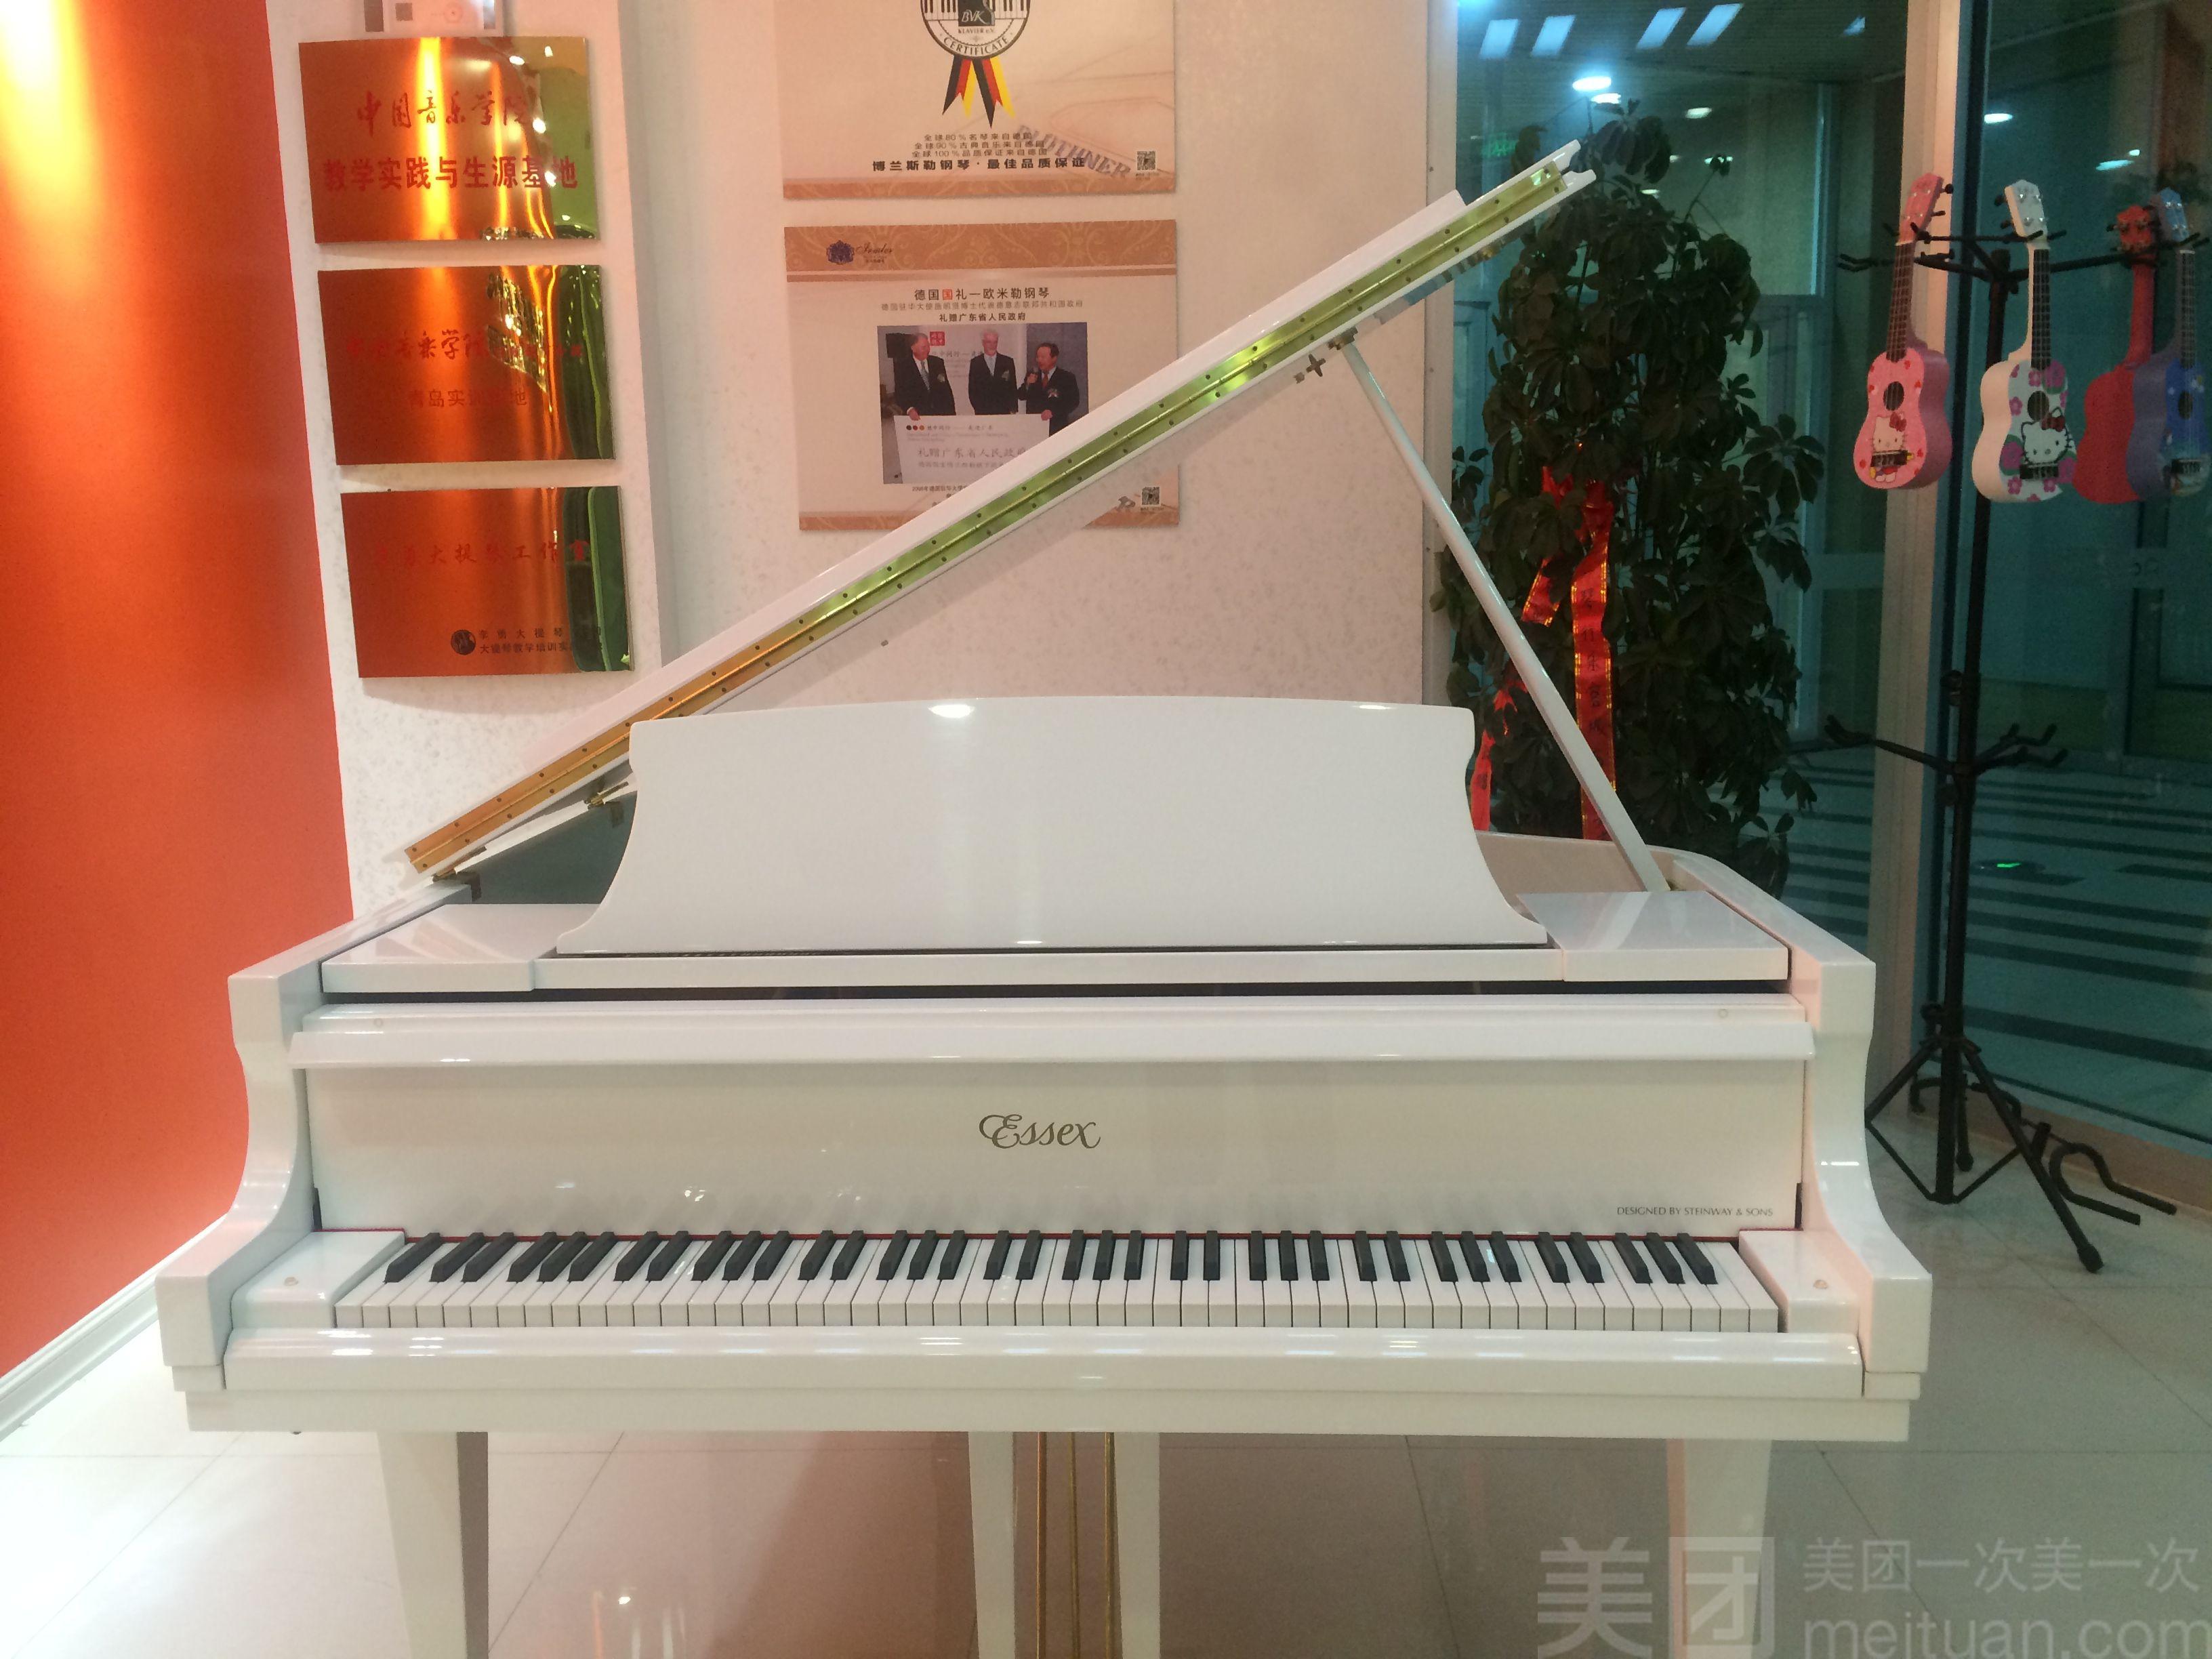 诺言的钢琴曲谱